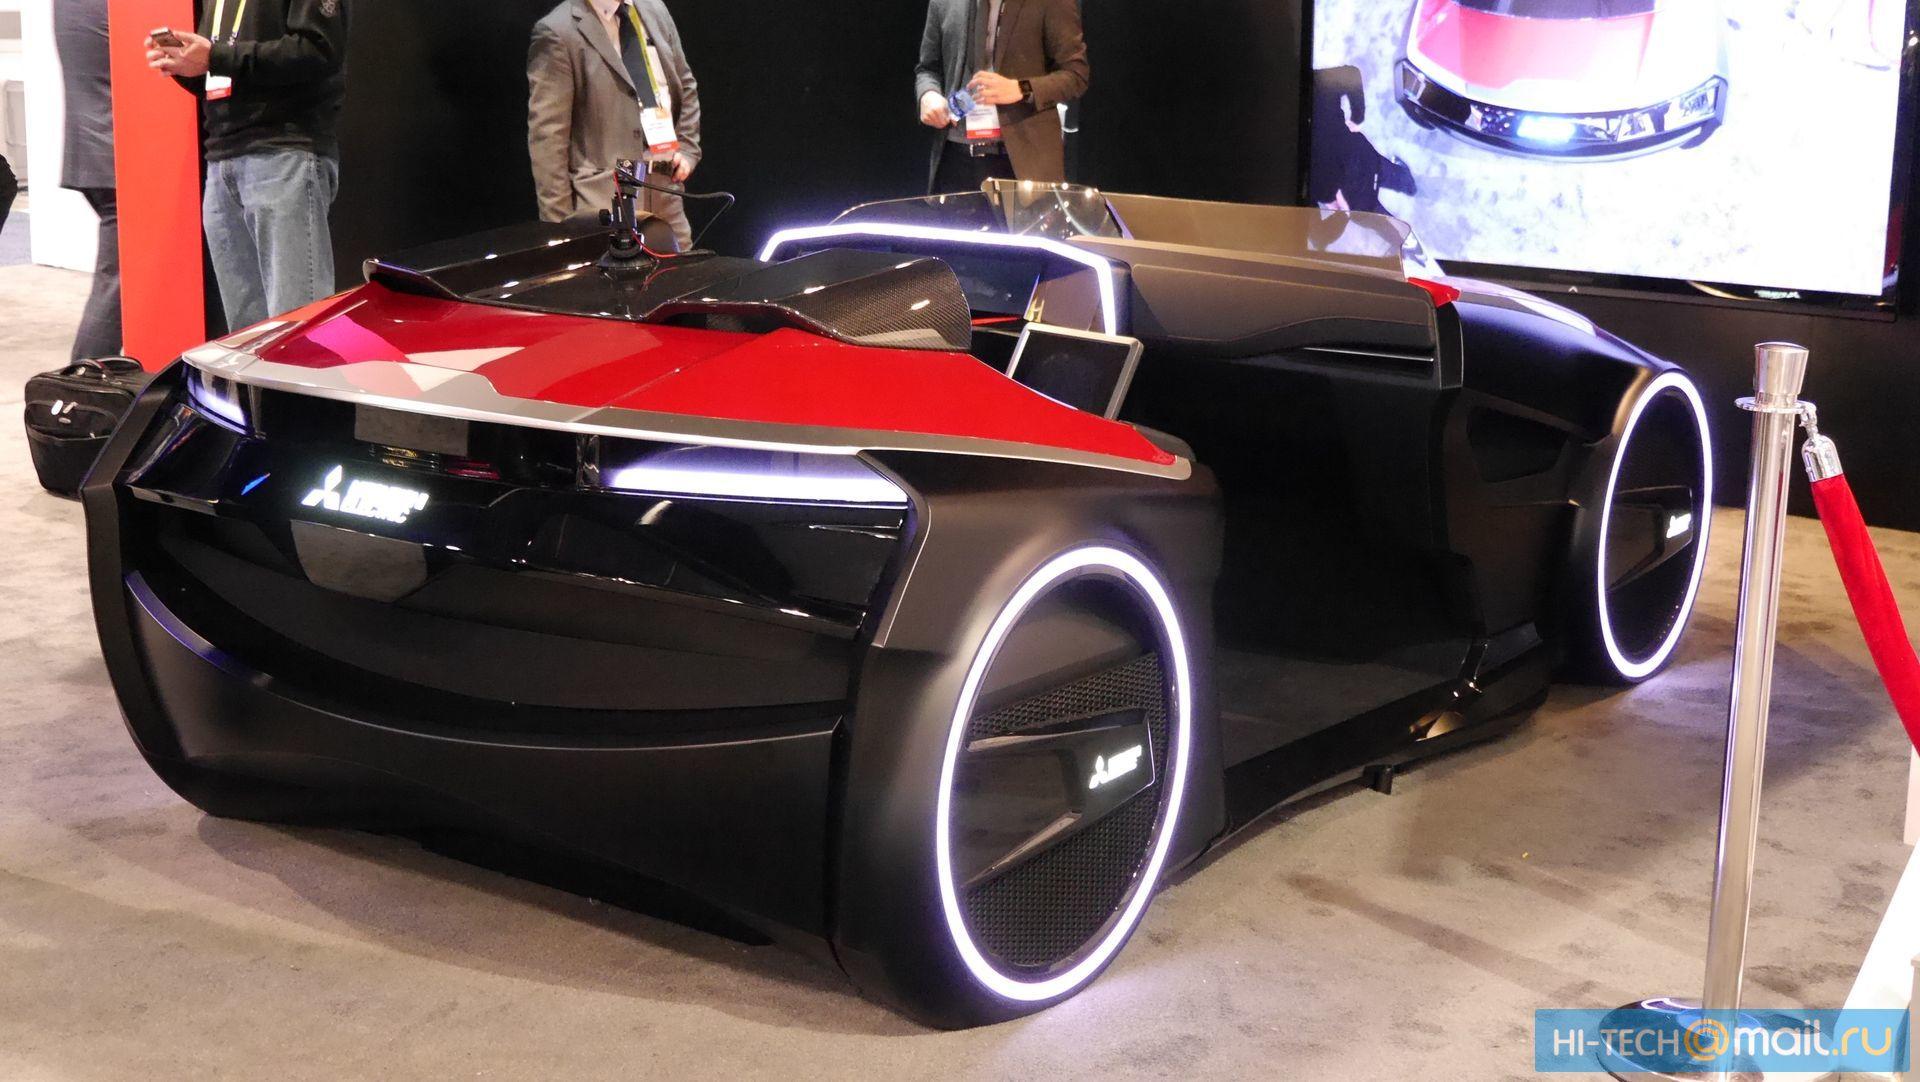 Будущее автомобилей на CES 2017 - 19